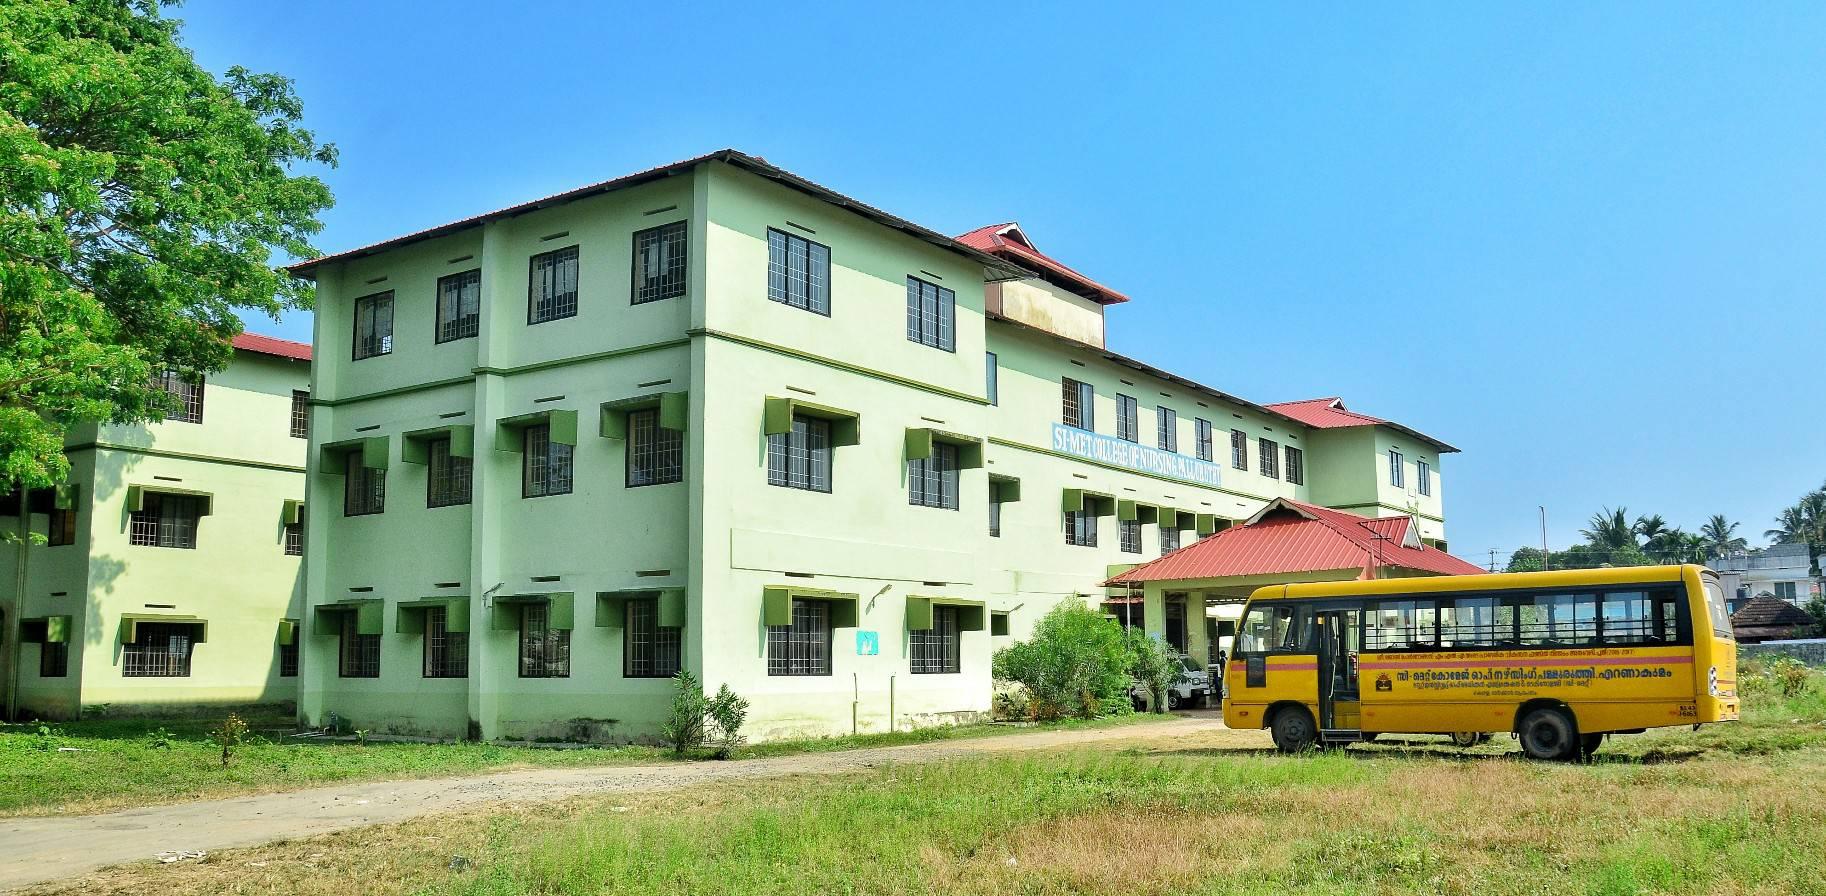 SI-MET College of Nursing, Ernakulam Image